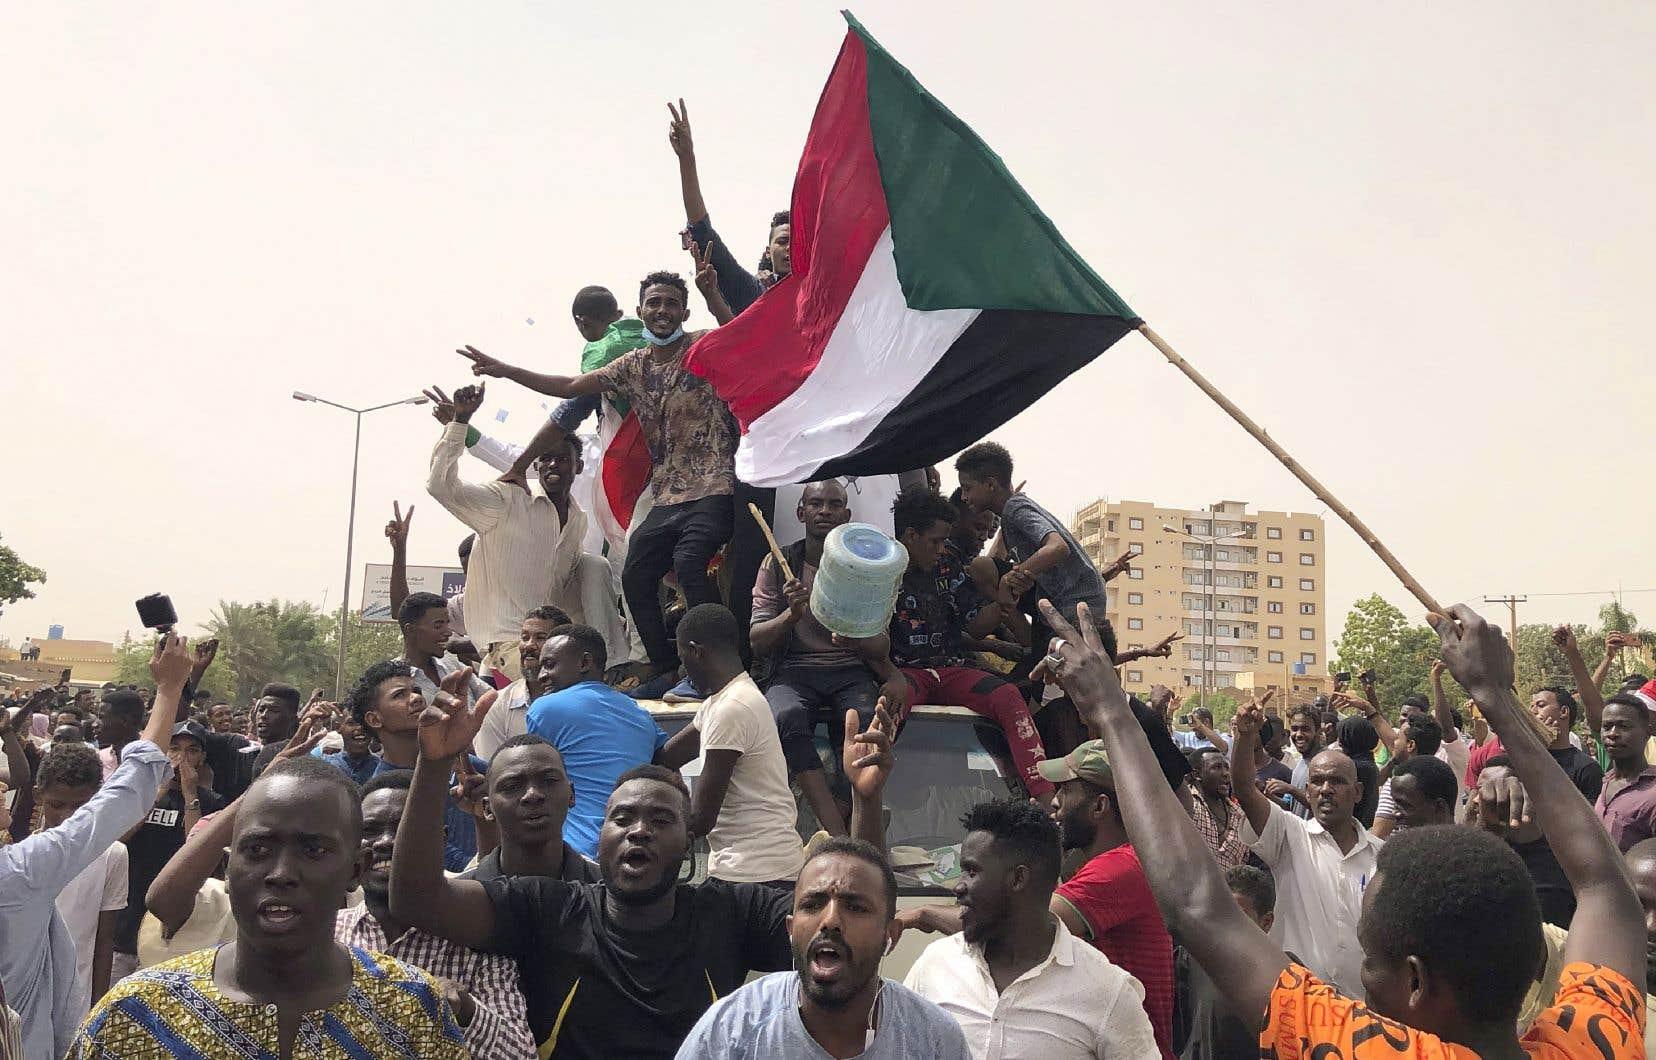 Une manifestation contre le conseil militaire, à Khartoum, le 30 juin dernier